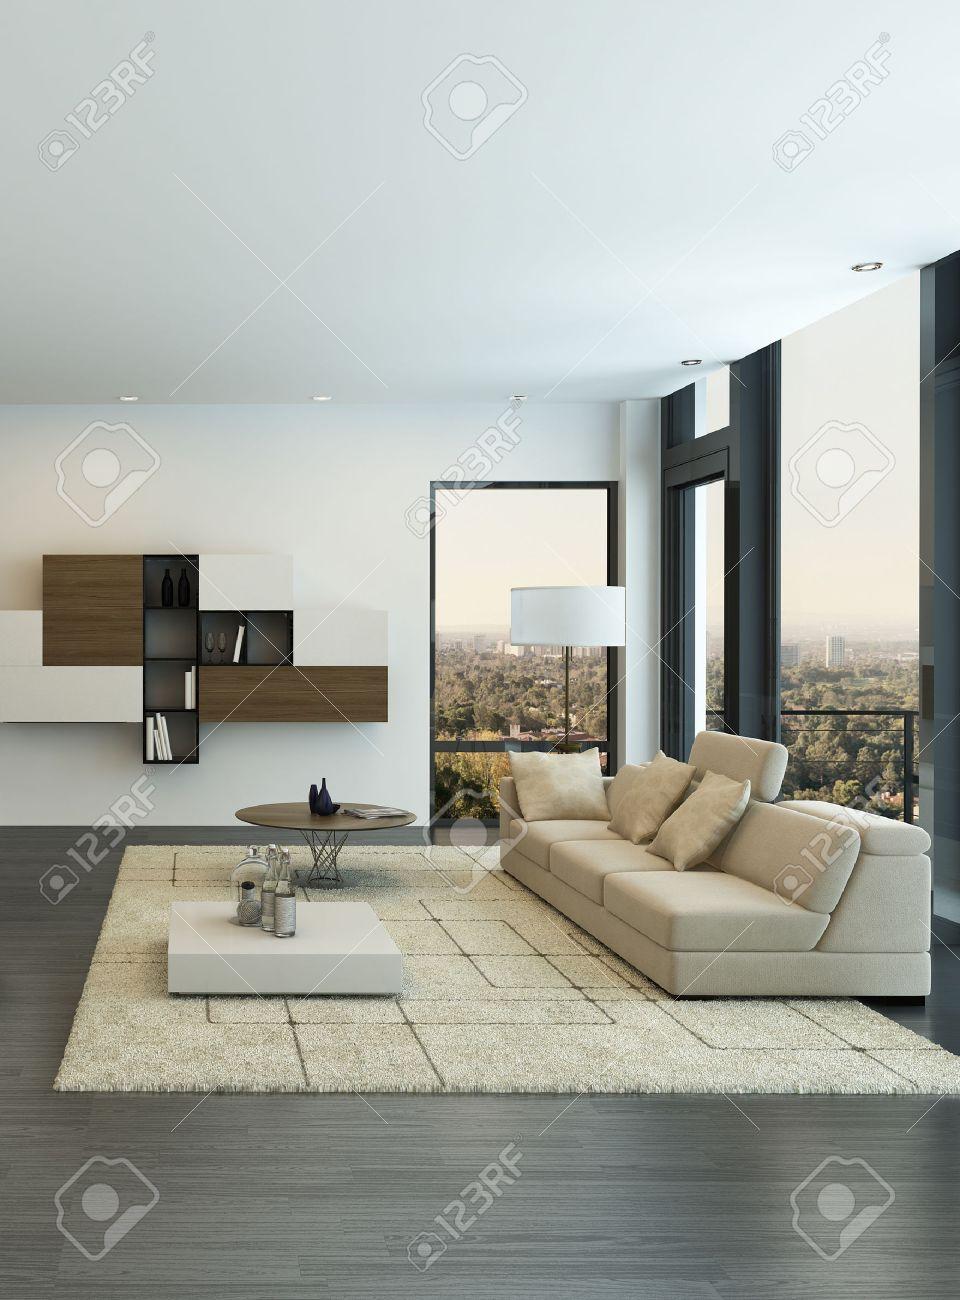 Interior Moderno De La Sala De Estar Con Muebles De Dise O Fotos  # Muebles Sala De Estar